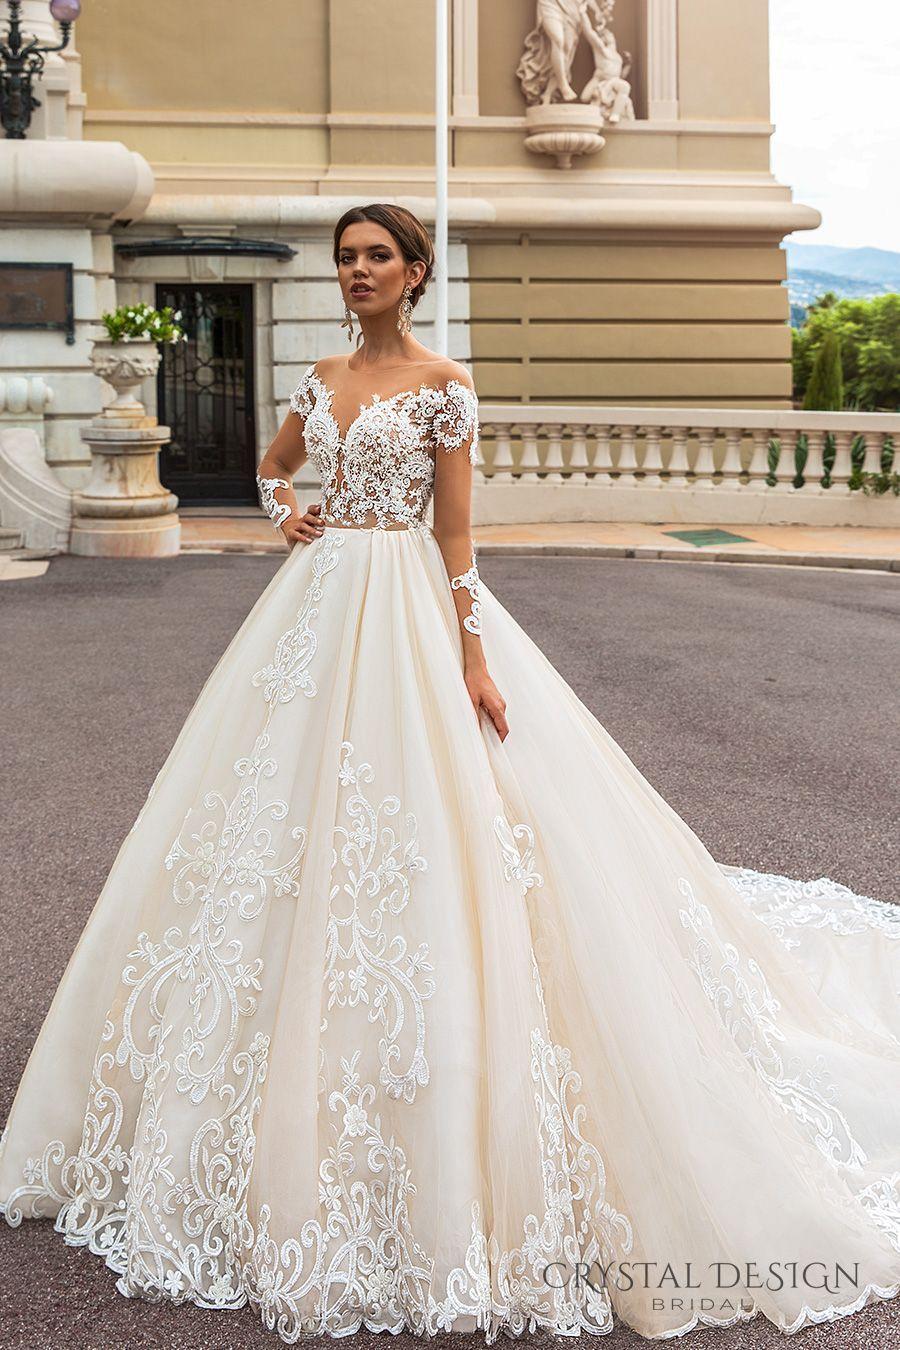 Crystal design bridal long sleeves off the shoulder deep